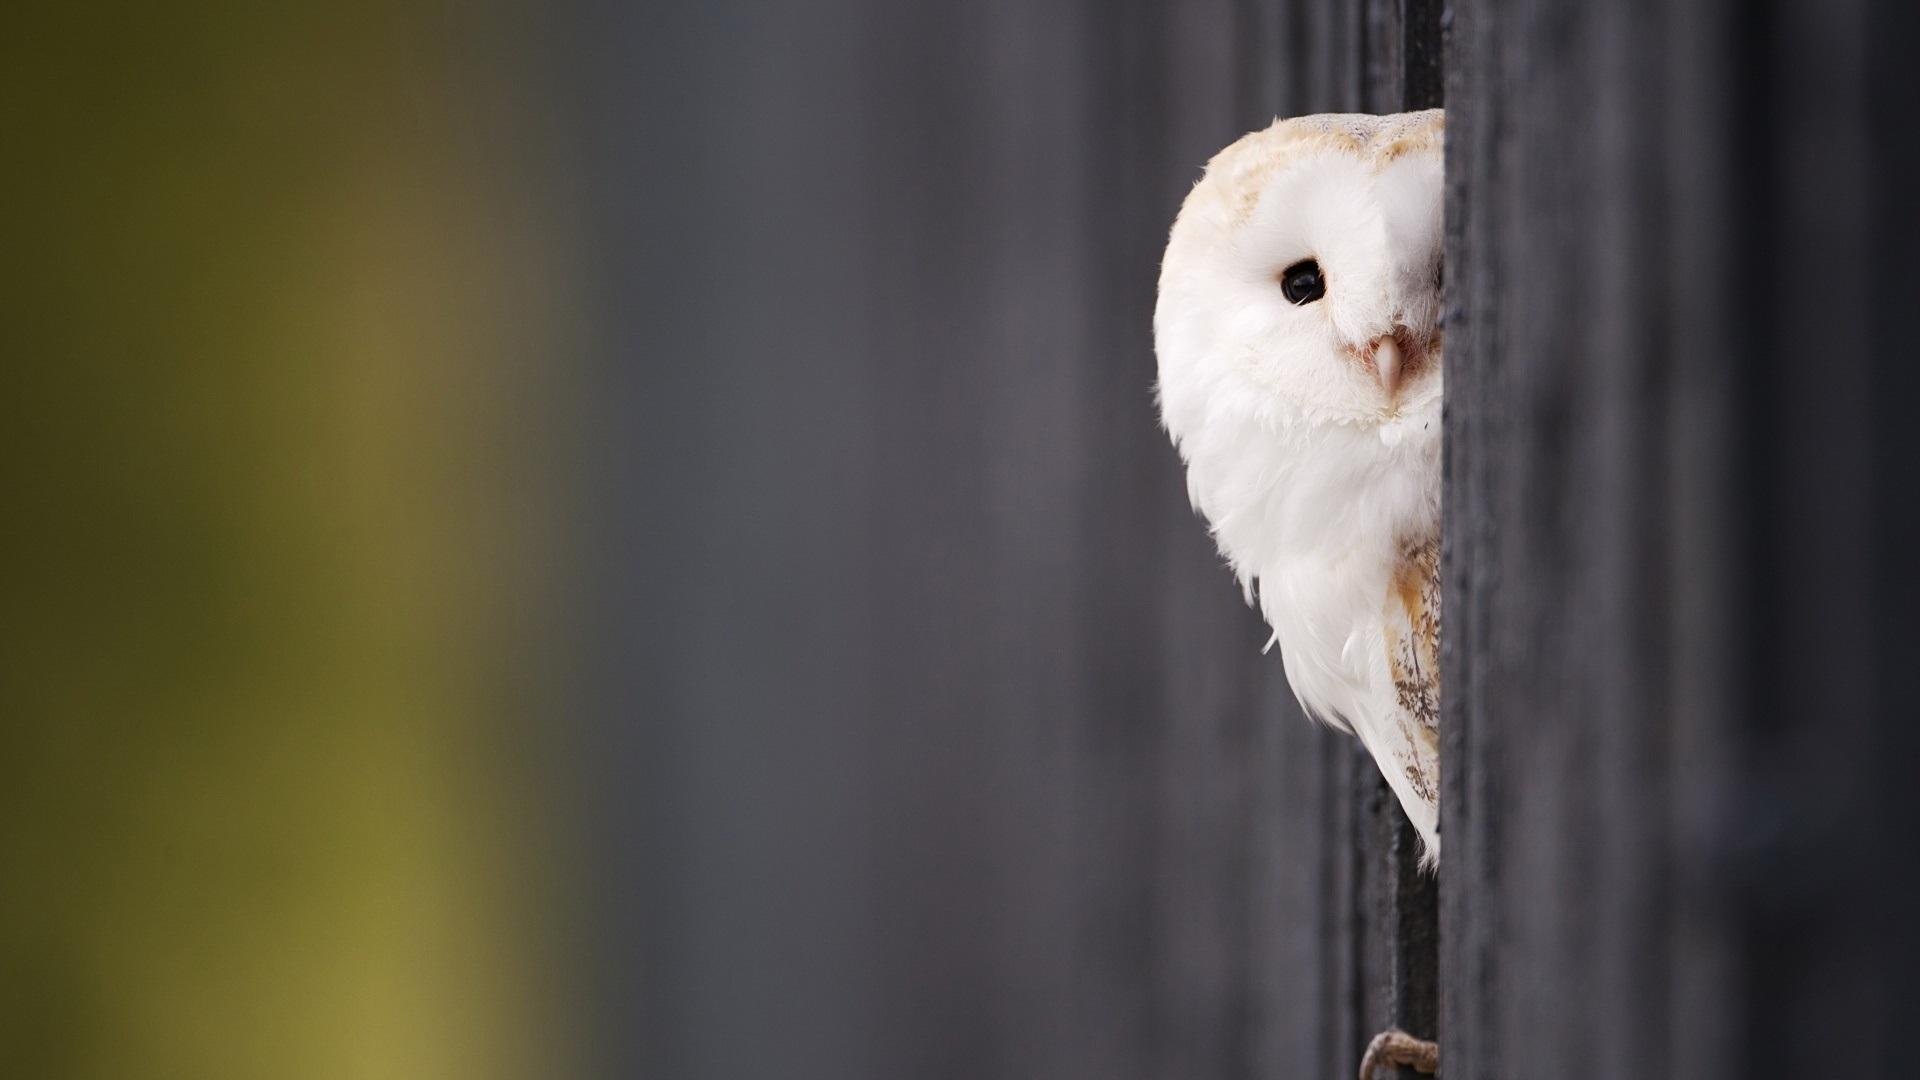 притаившиеся птички смотреть